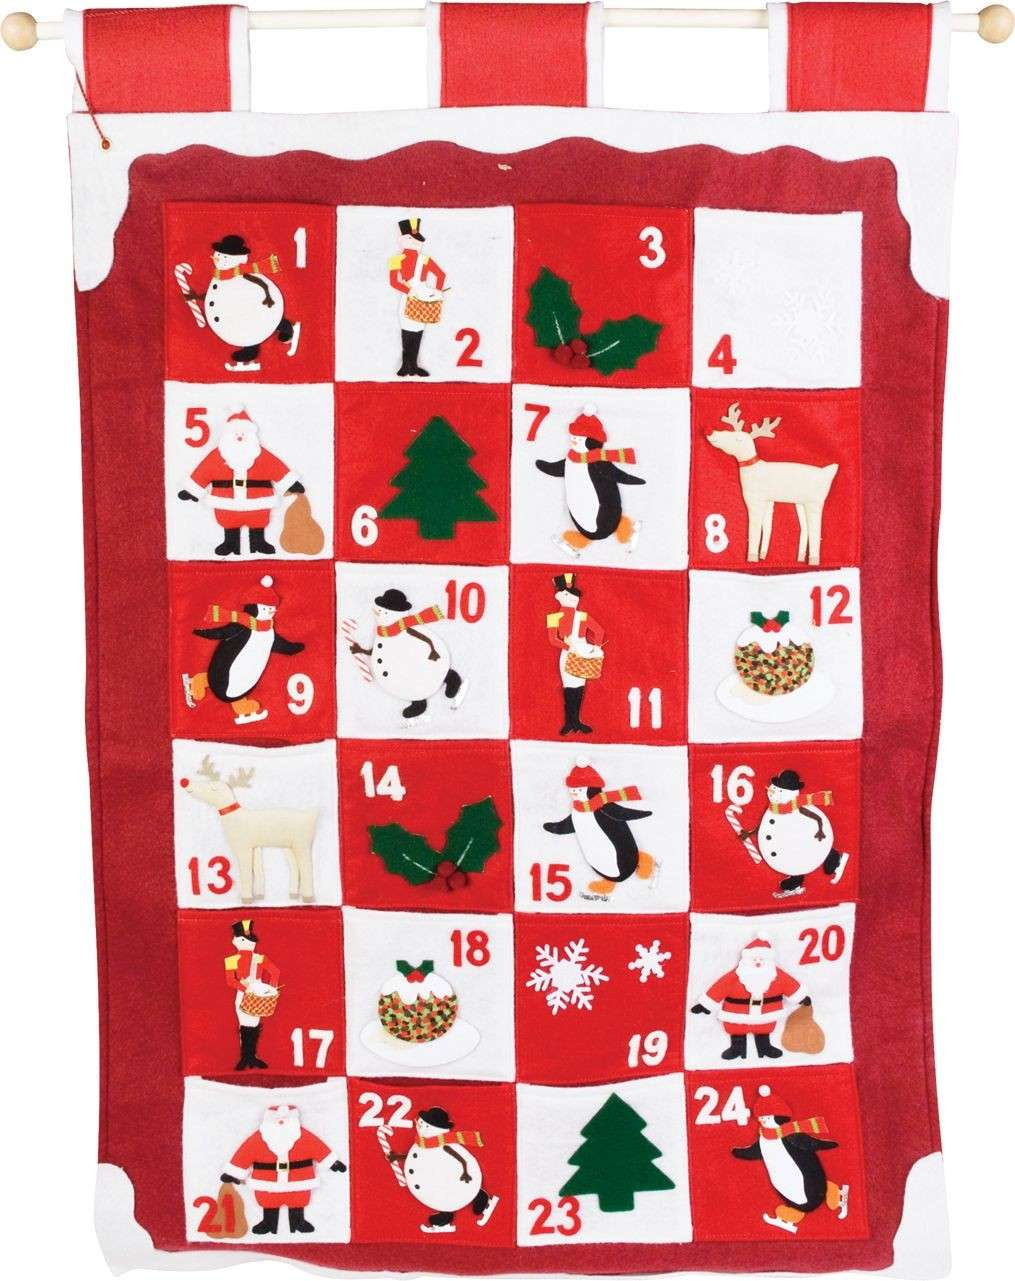 Il calendario dell'avvento di Babbo Natale